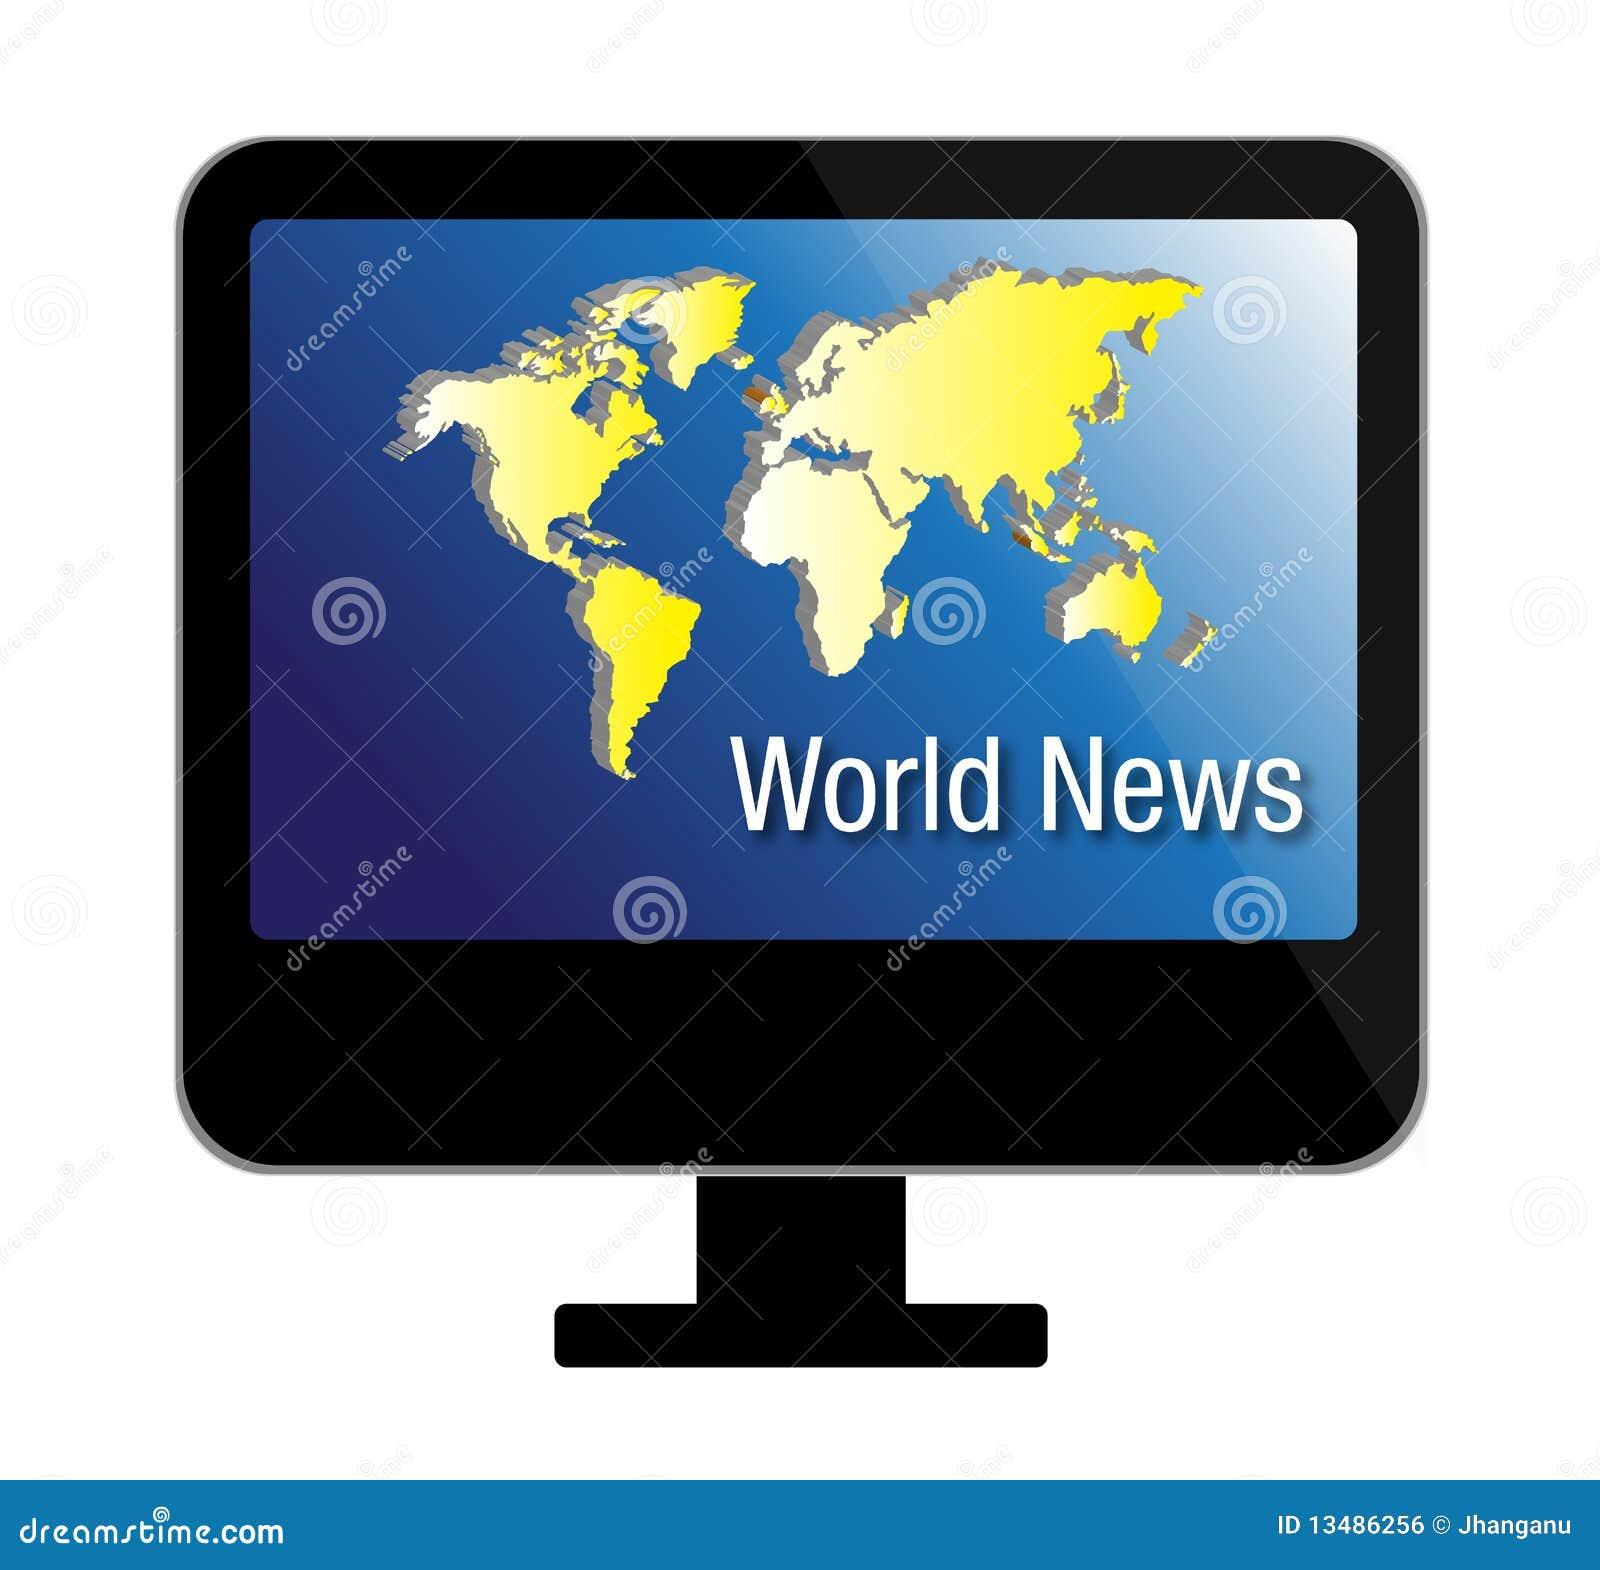 Het nieuws van de wereld op de vertoning van tv royalty vrije stock afbeelding afbeelding - Tv josephine huis van de wereld ...